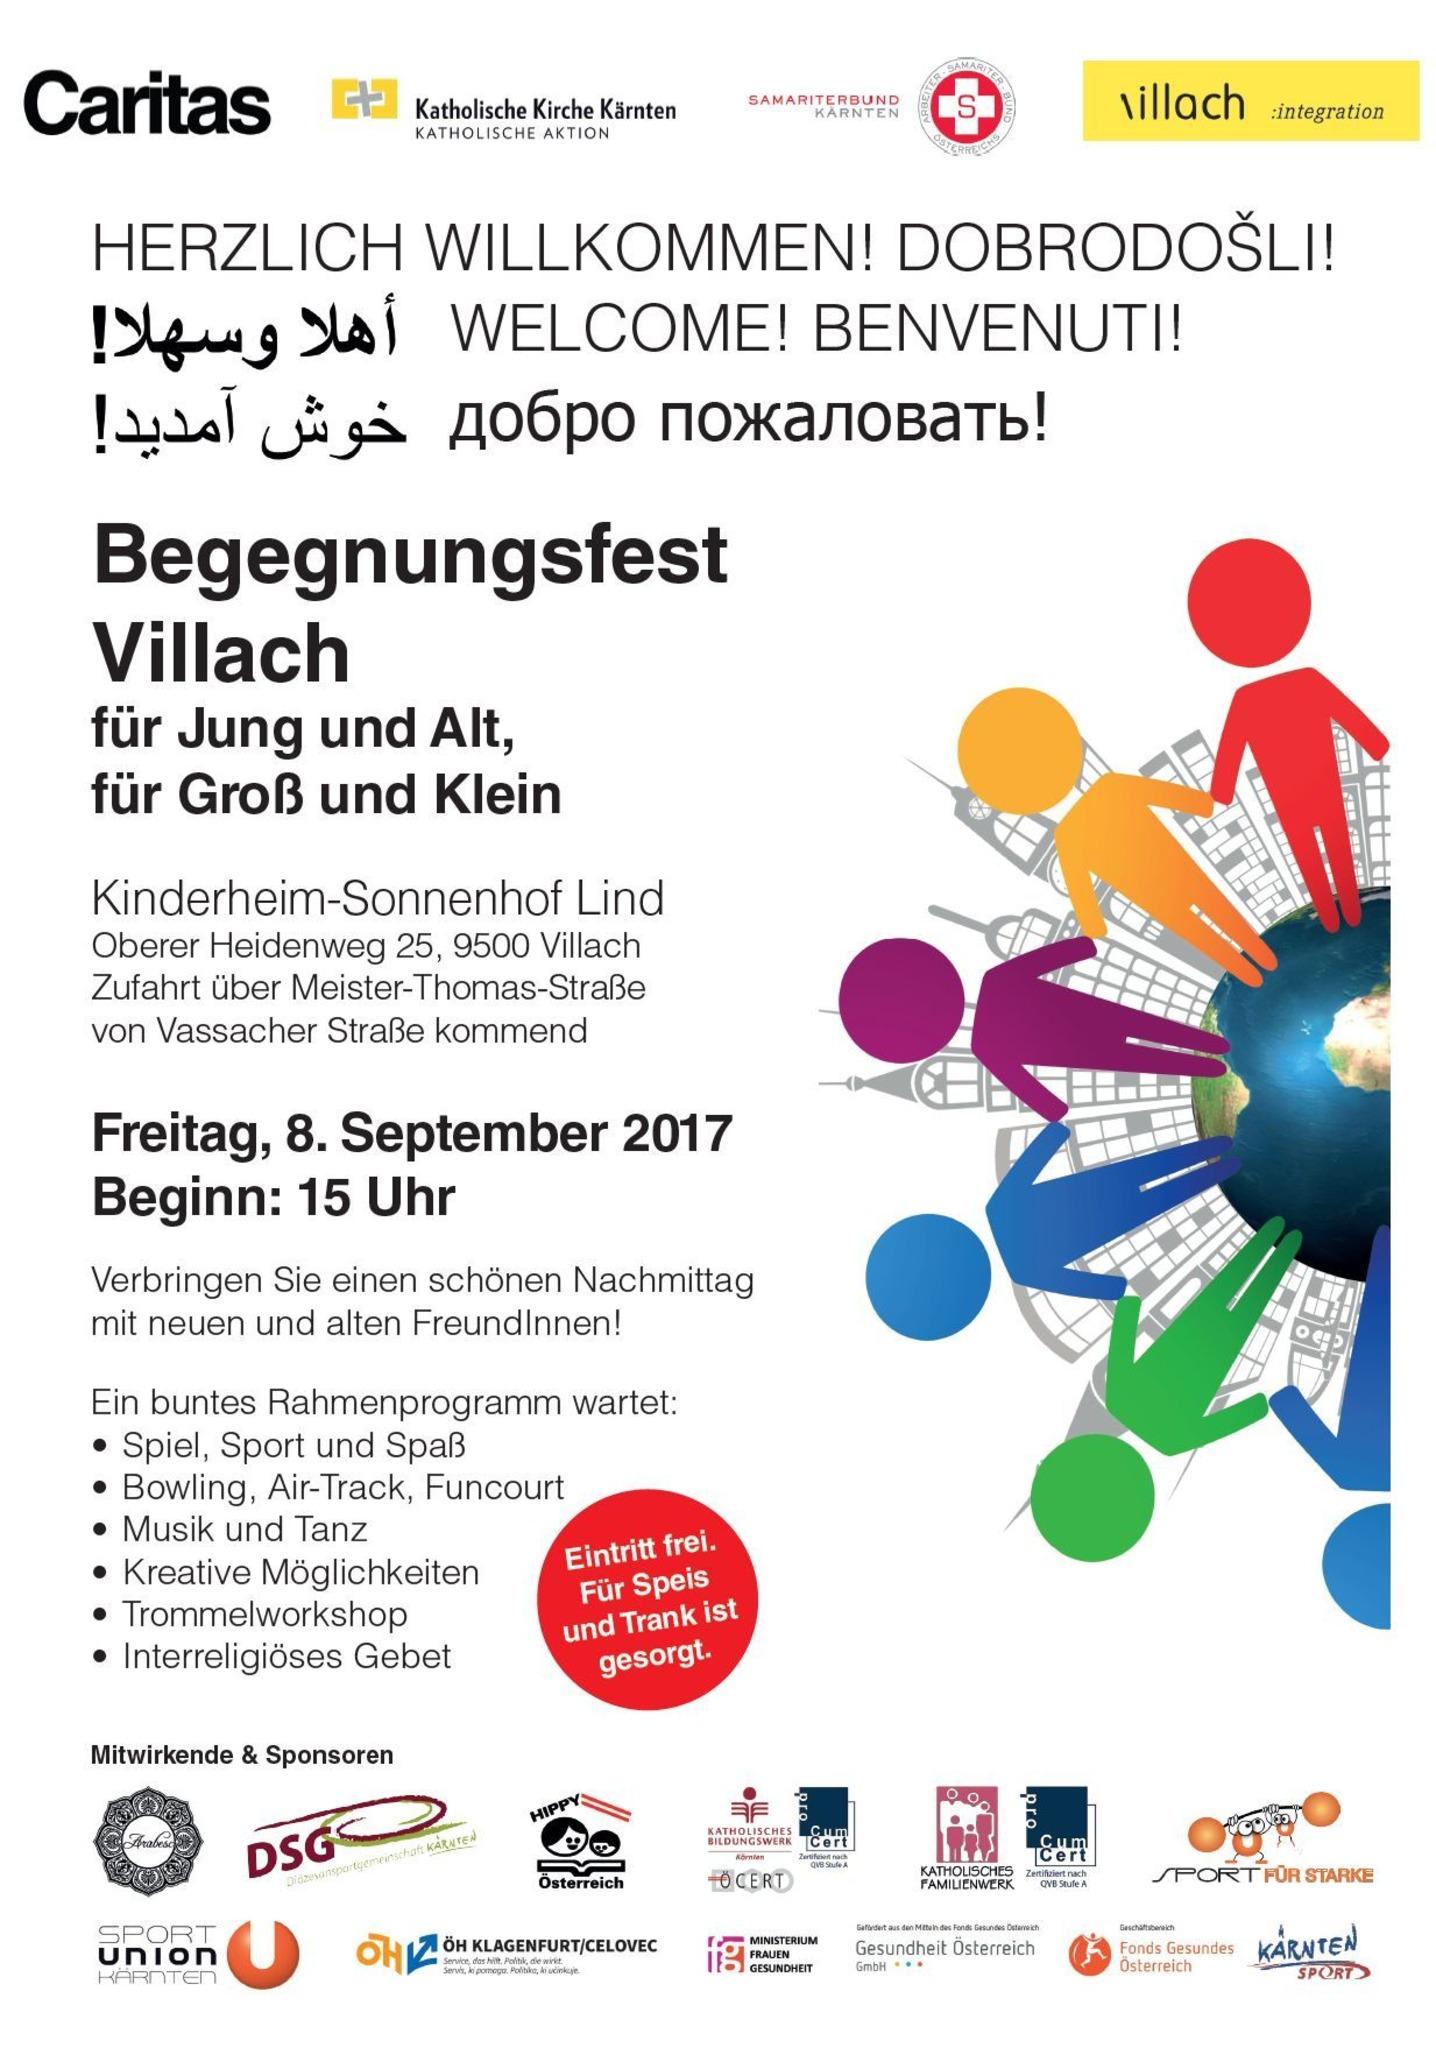 Einladung Zum Begegnungsfest Villach